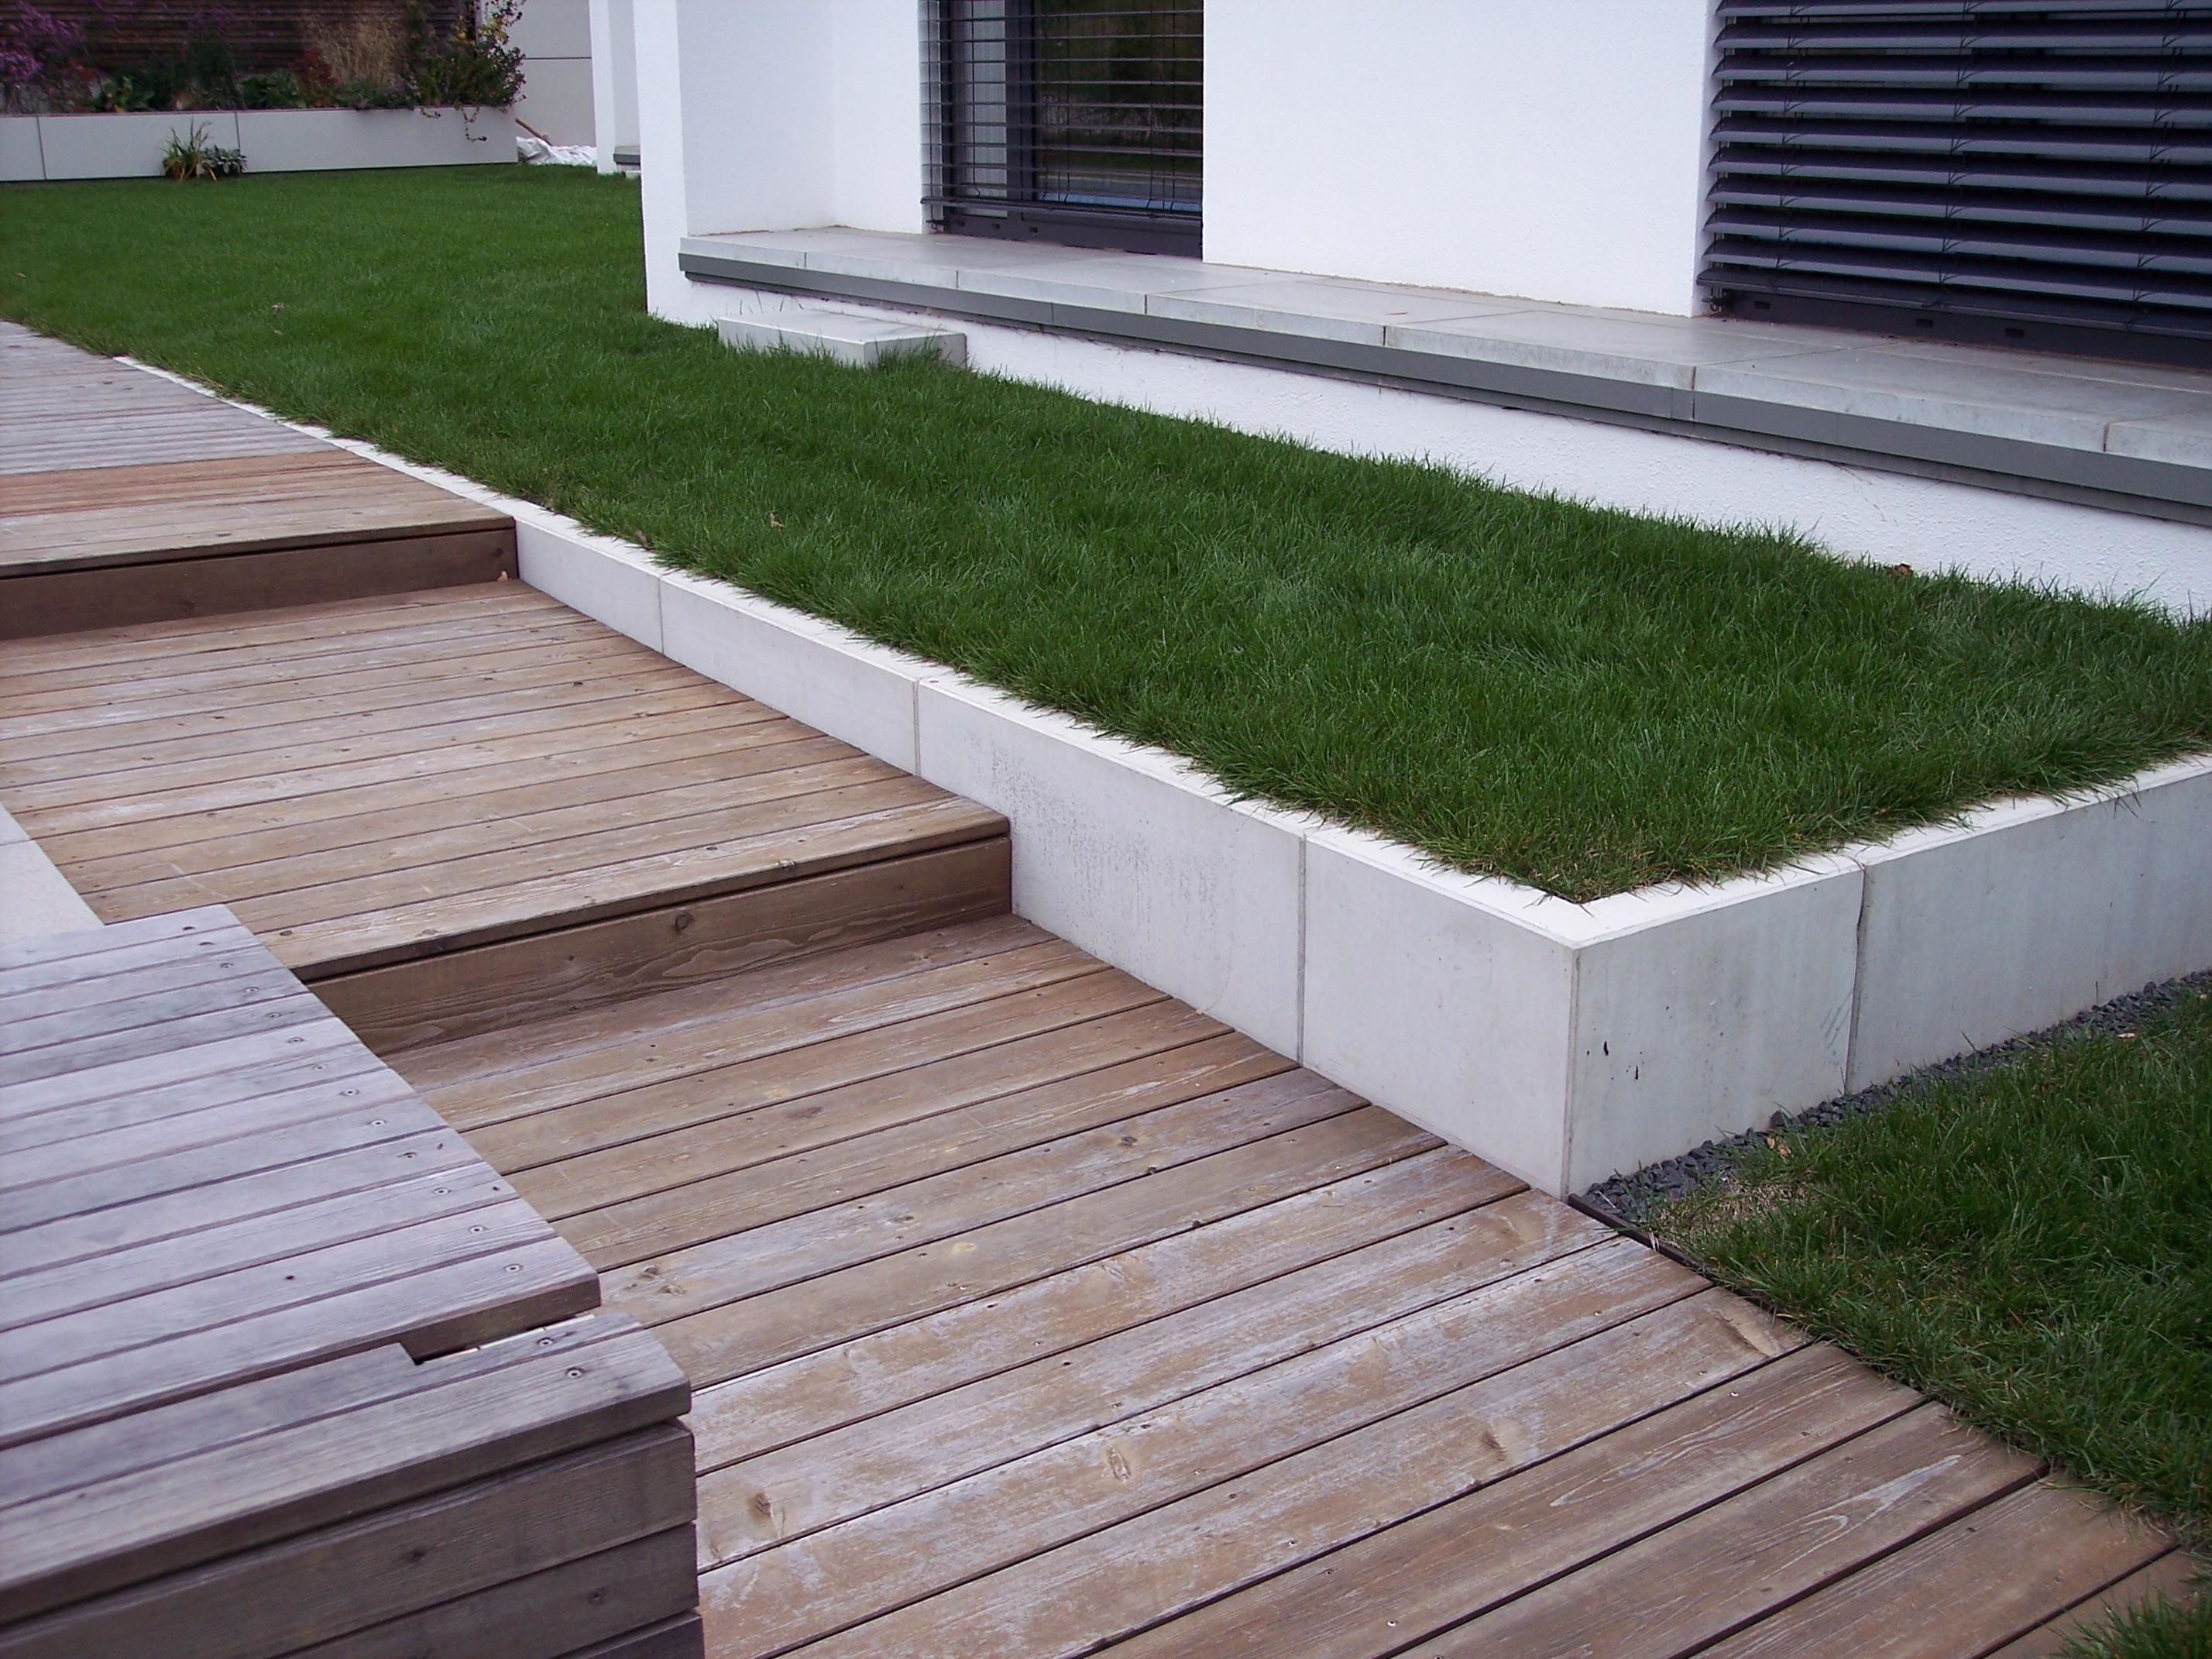 Gartengestaltung reihenhaus pool